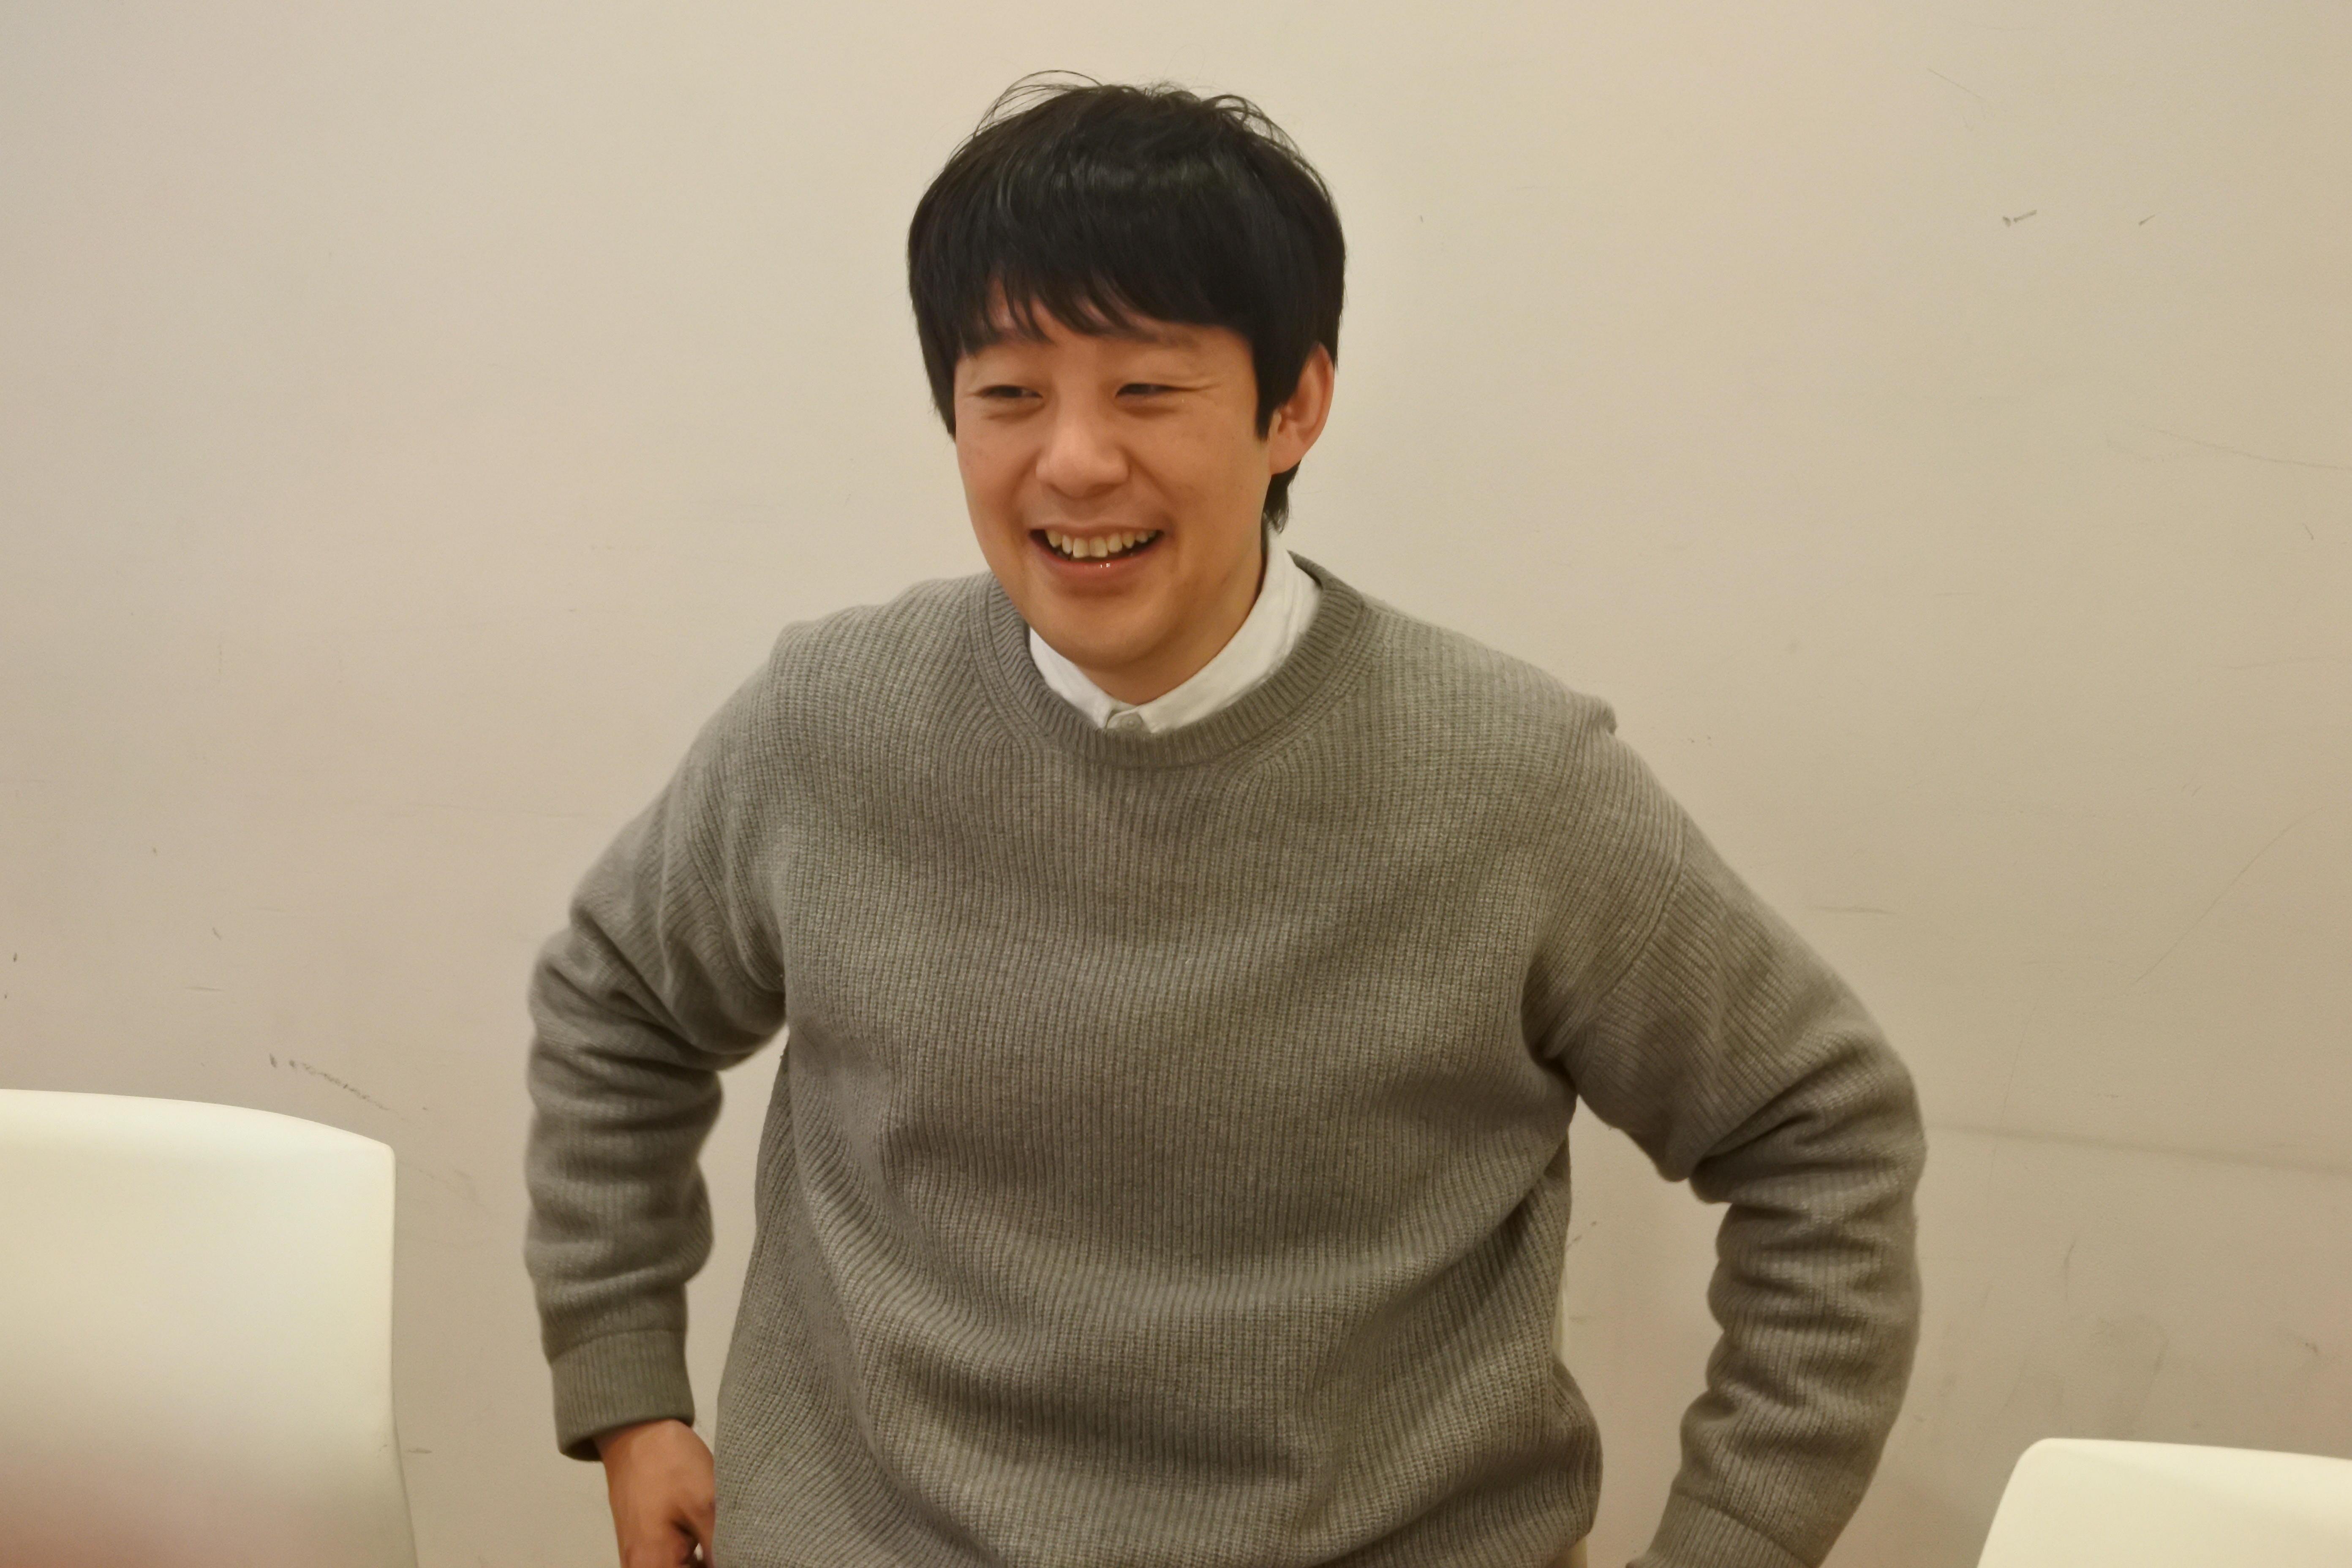 http://news.yoshimoto.co.jp/20180124162631-908116c1d96dd0d6d21cdb331e5c73f1d9e4e81e.jpg